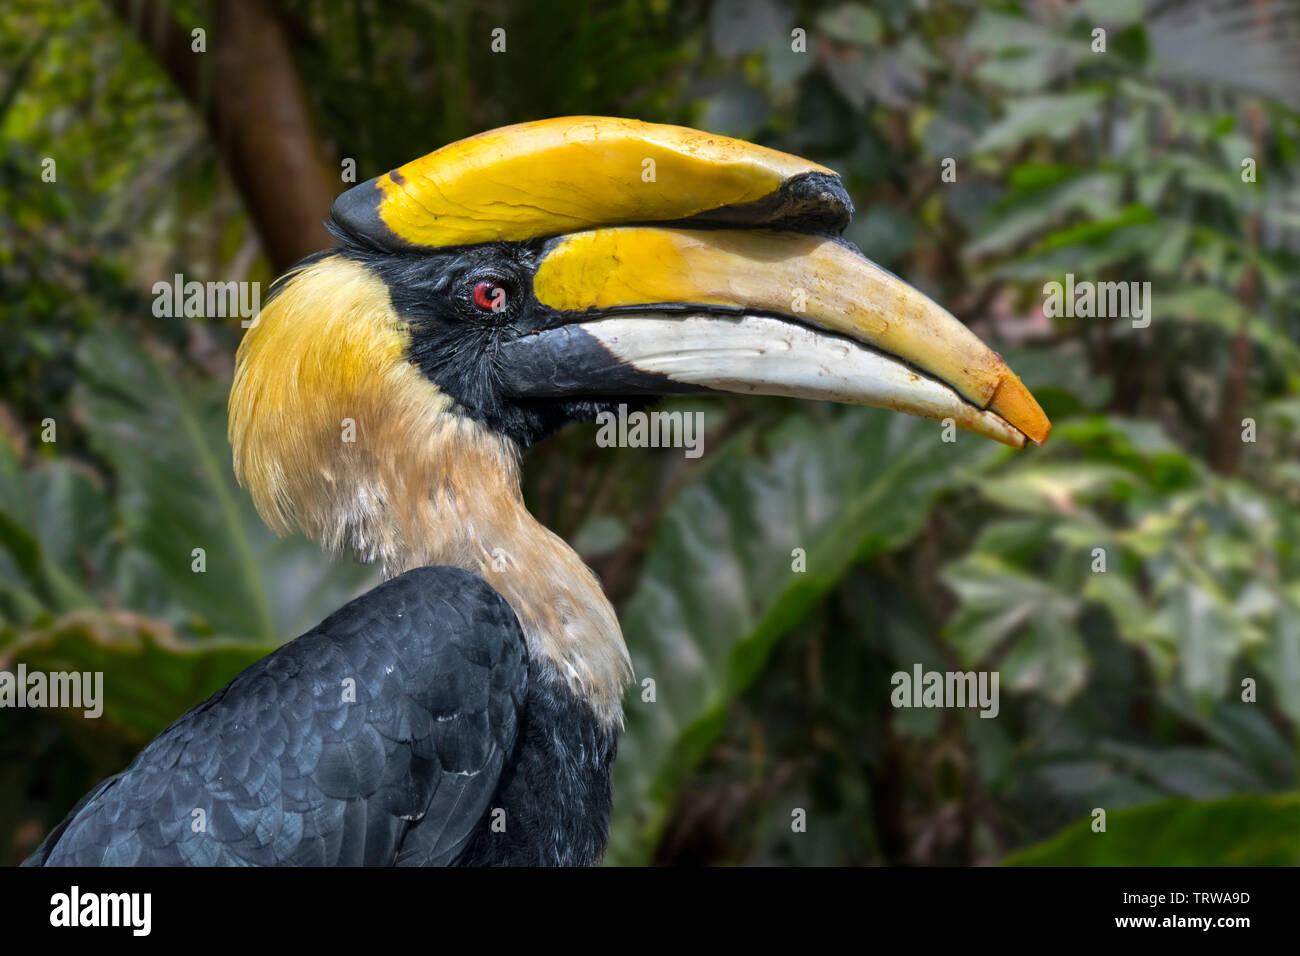 Grande hornbill / Great Indian hornbill / grande pied hornbill (Buceros simum) nativa per il subcontinente indiano e del sud-est asiatico Immagini Stock